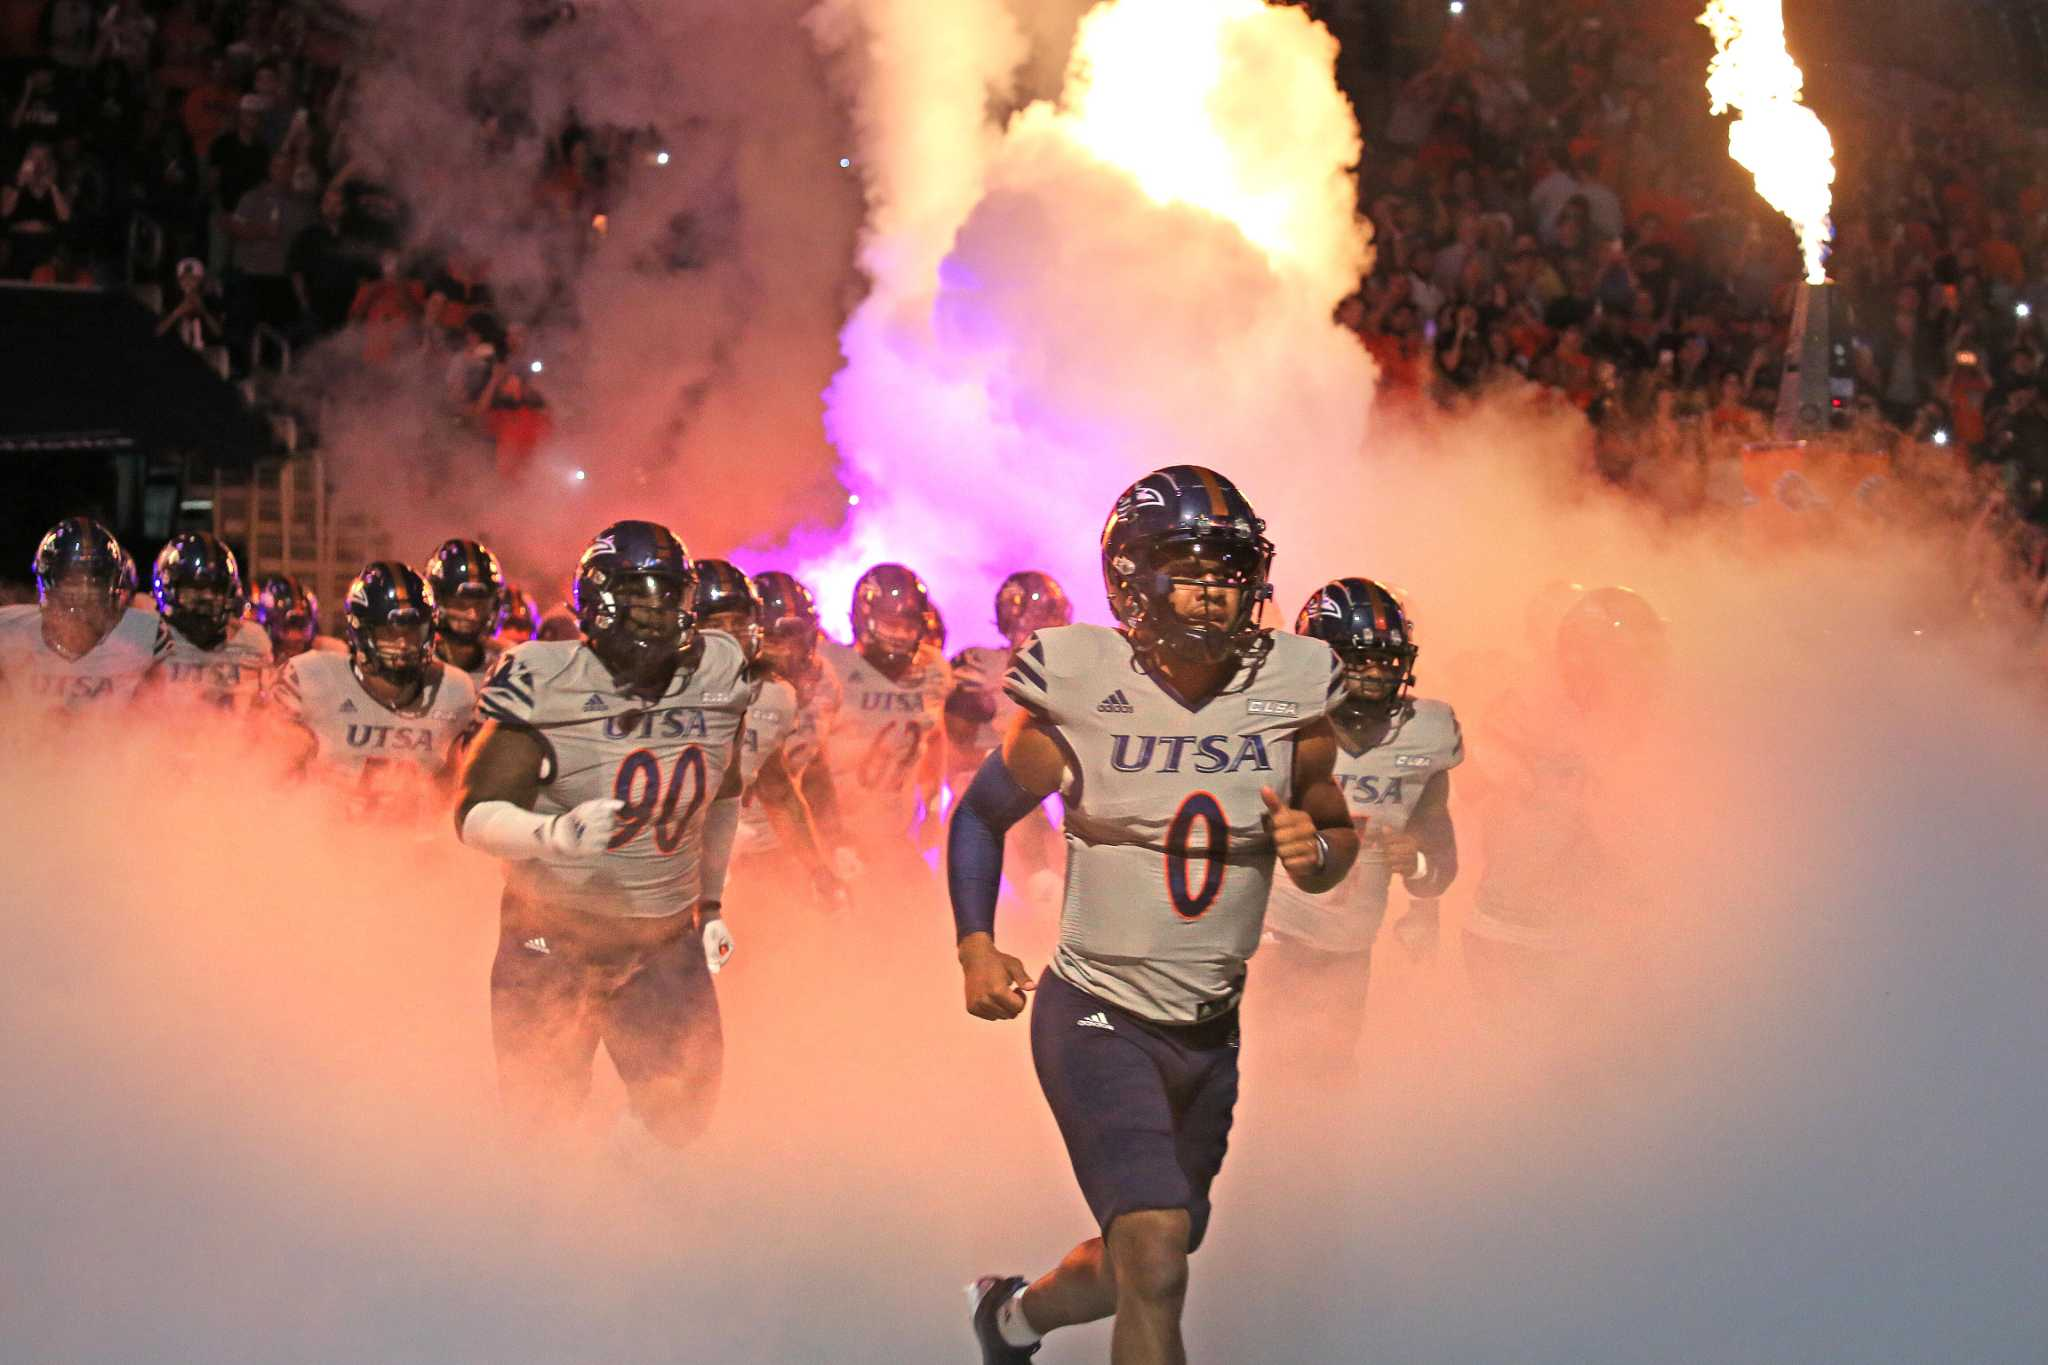 San Antonio celebra un fin de semana ganador en el fútbol universitario